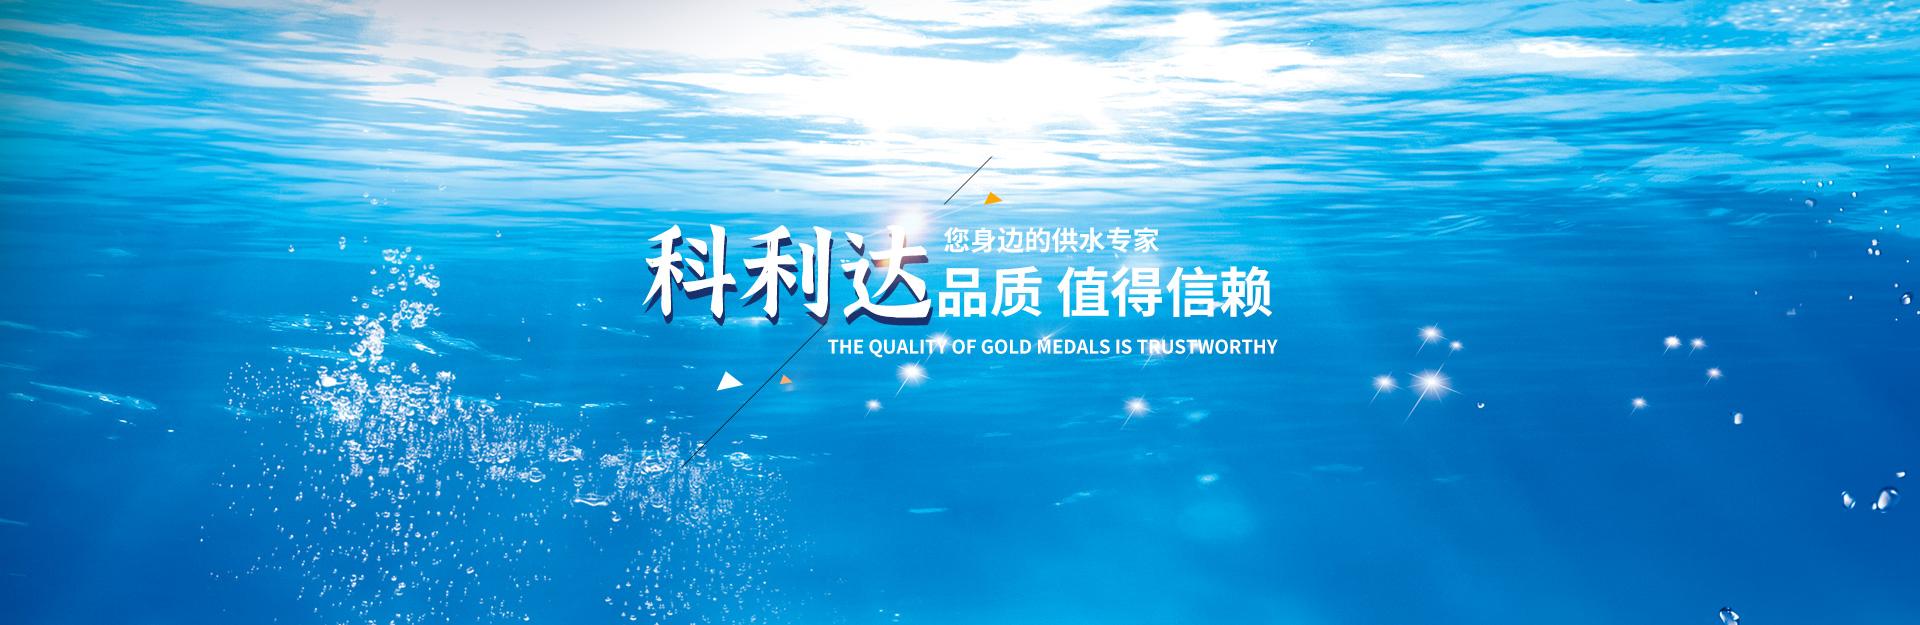 智慧水务解决方案